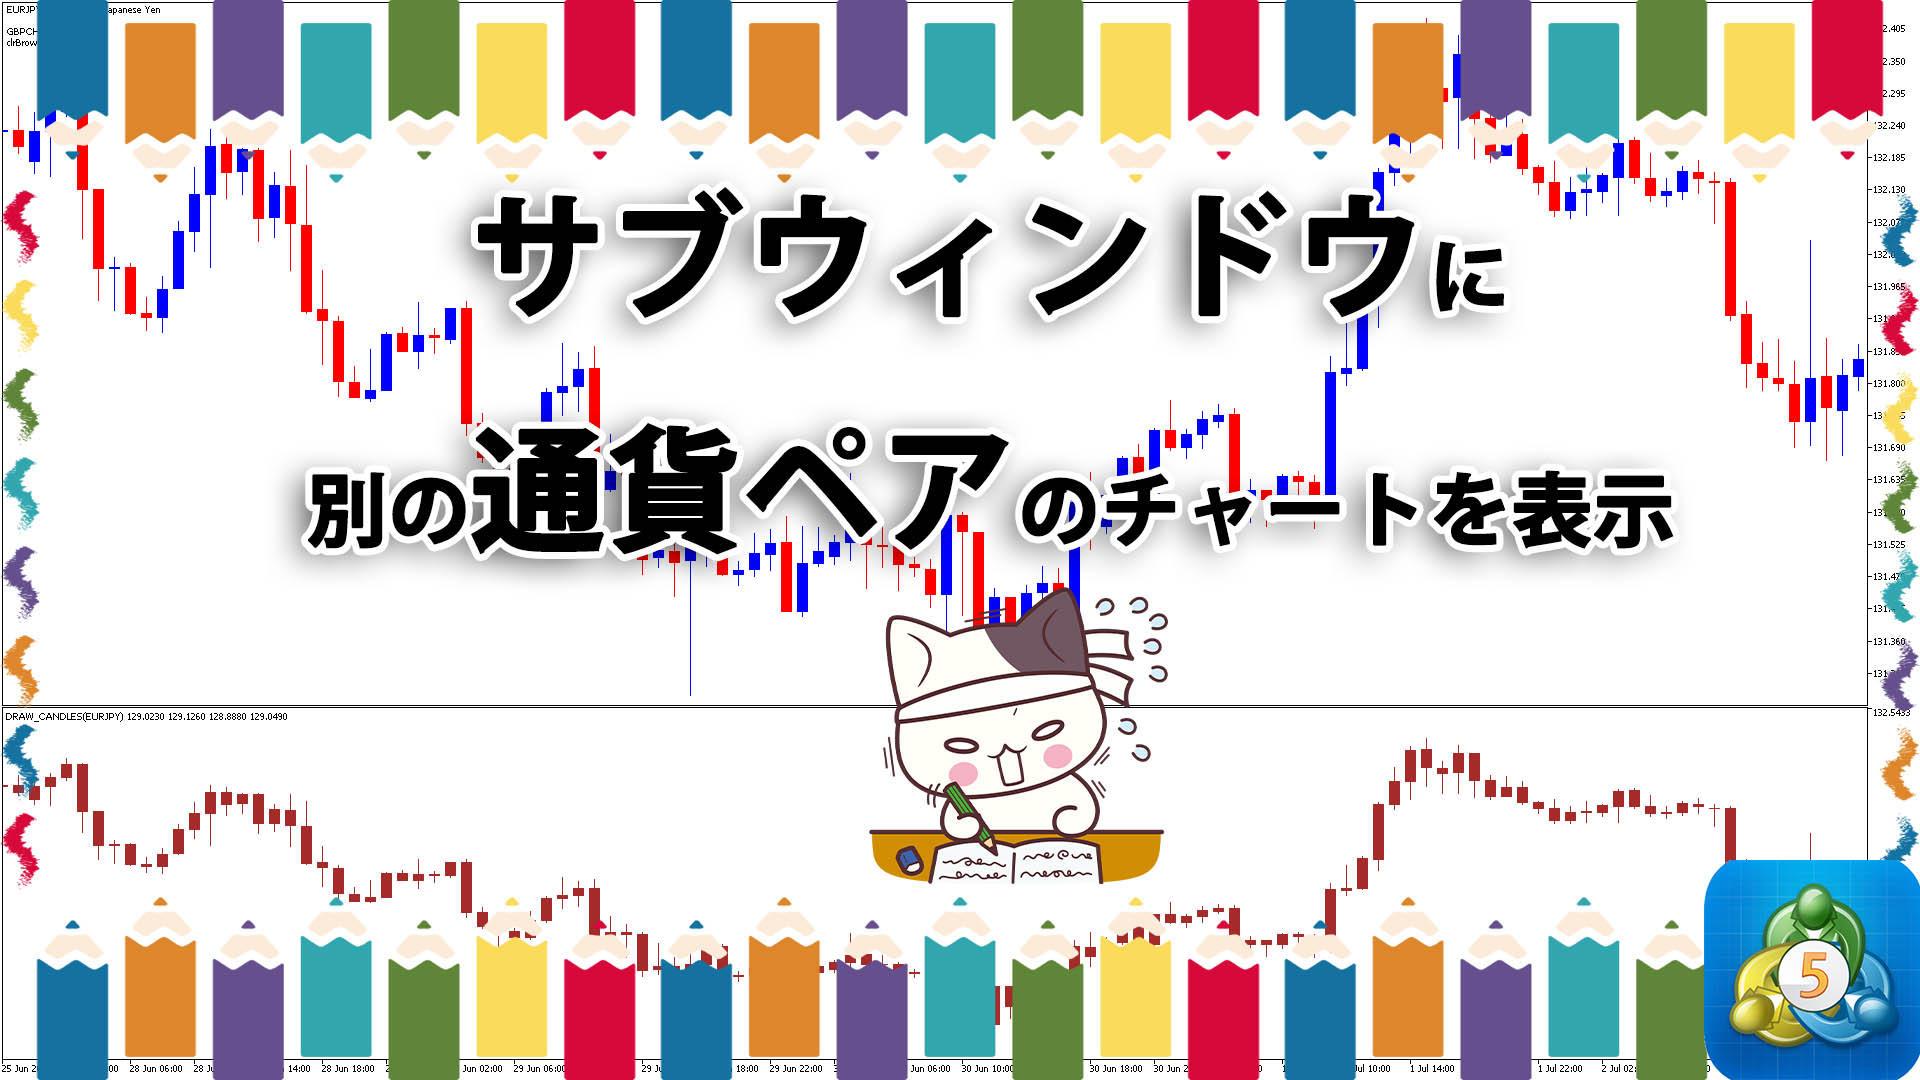 サブウィンドウに別の通貨ペアのローソク足を表示するMT5インジケーター「draw_candles」